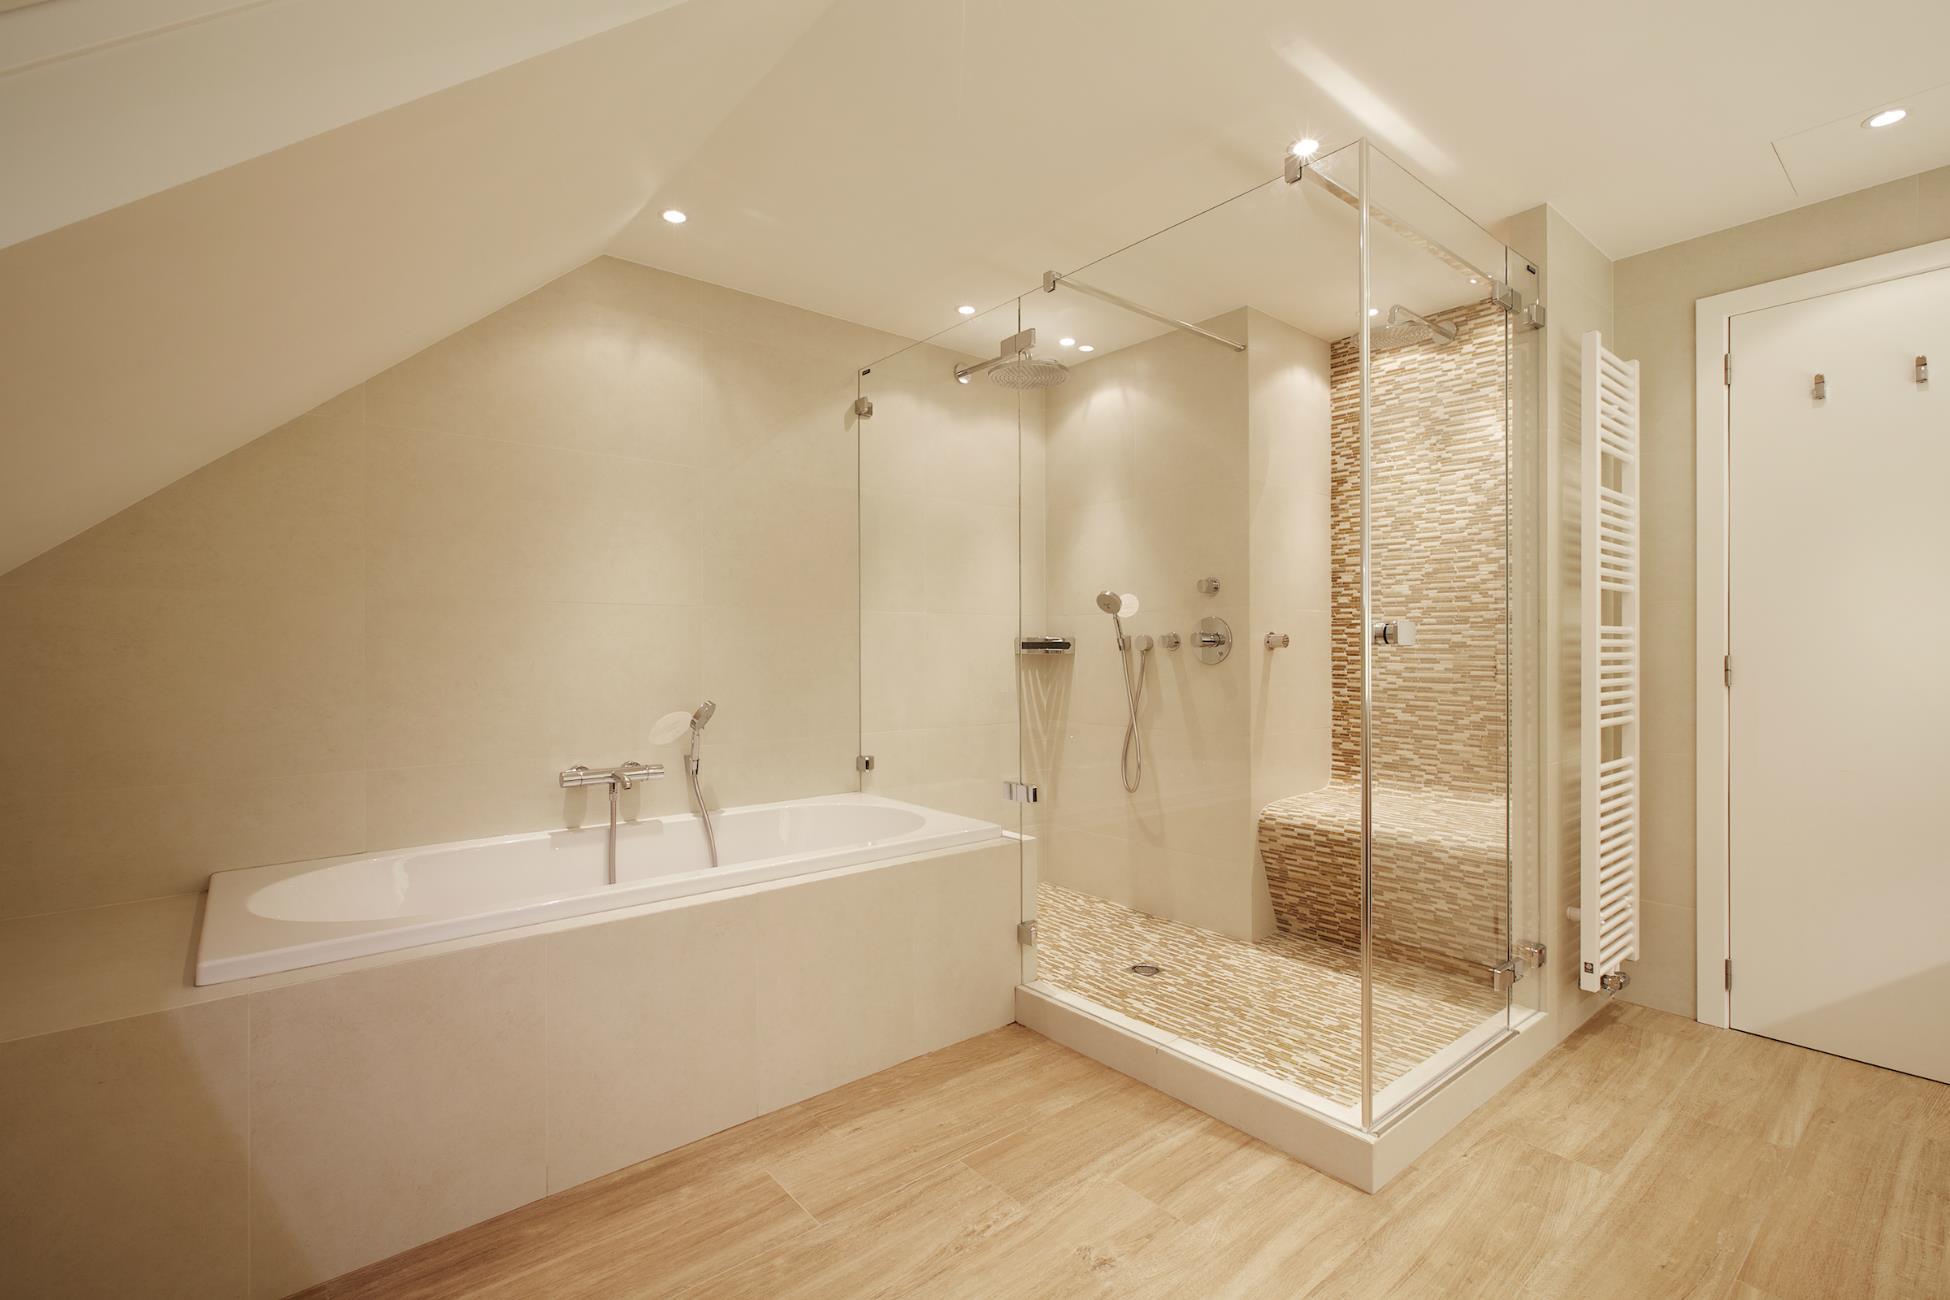 amnagement de salle de bain simple amnagement salle de bains avec sauna u ides inspirante. Black Bedroom Furniture Sets. Home Design Ideas